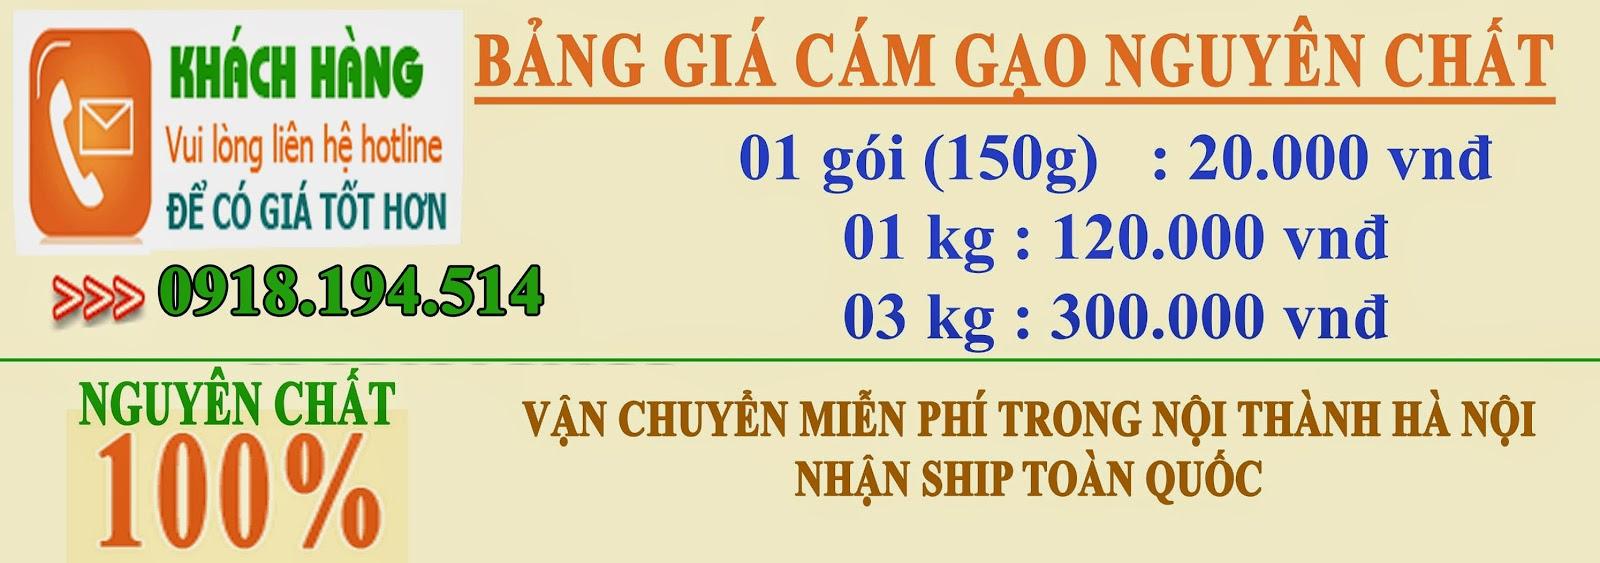 Cách làm đẹp bằng cám gạo đắp mặt nạ cám gao như thế nào Camgao